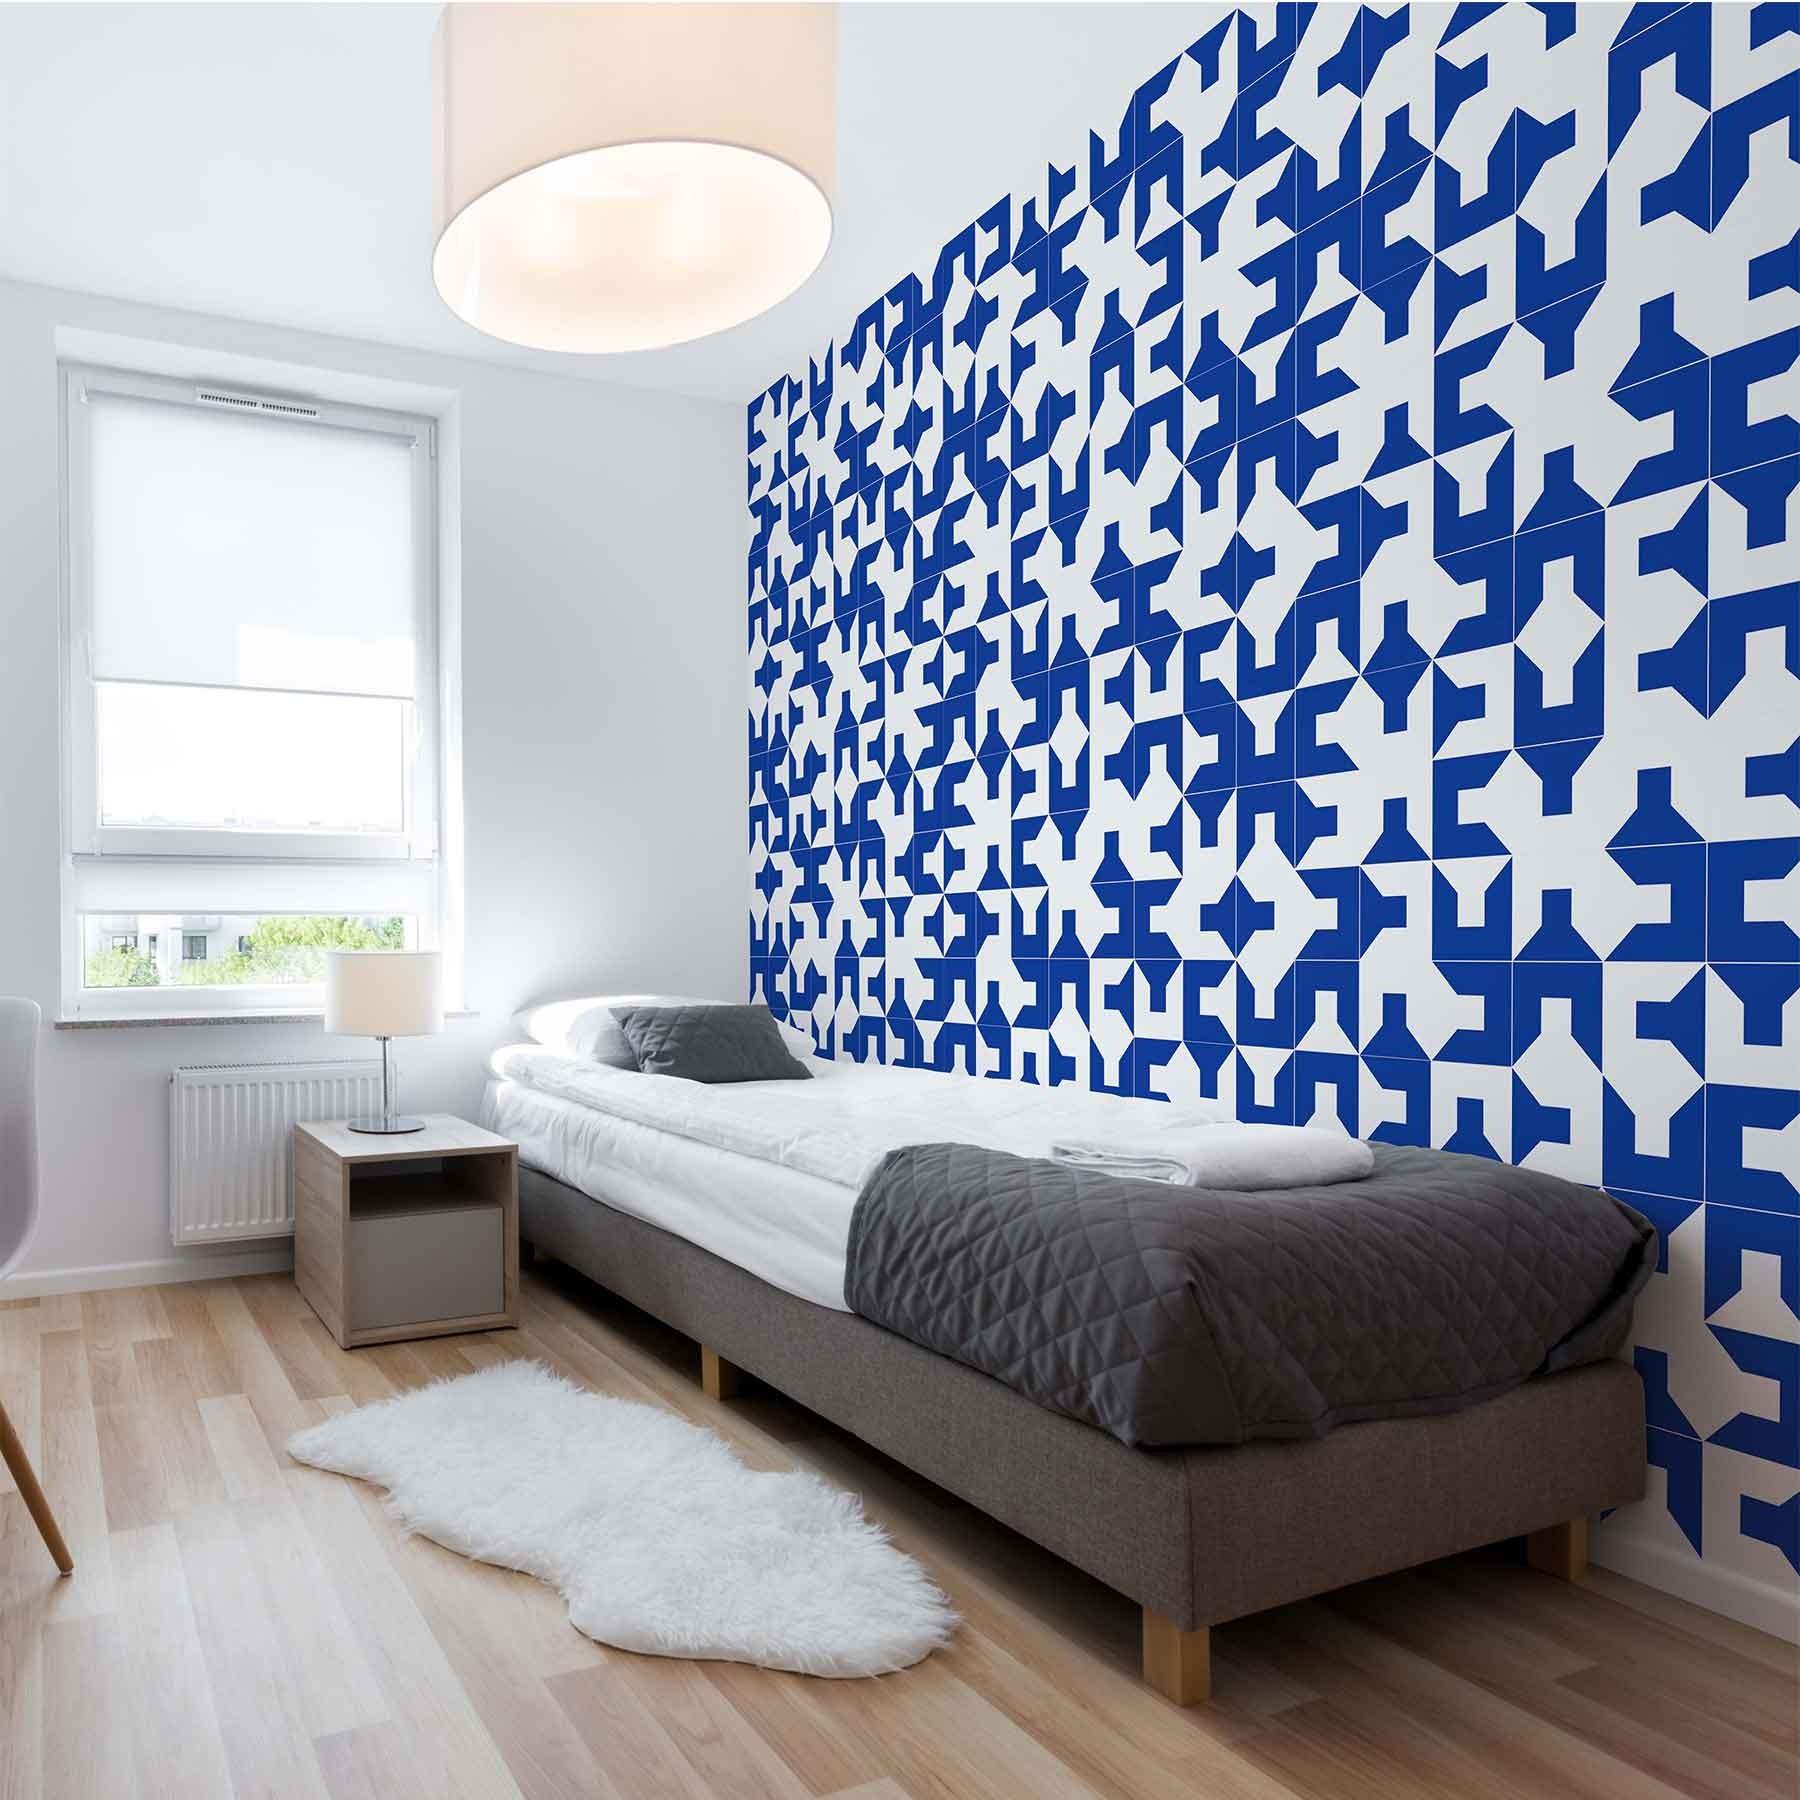 Azulejo Ziggurat - m²